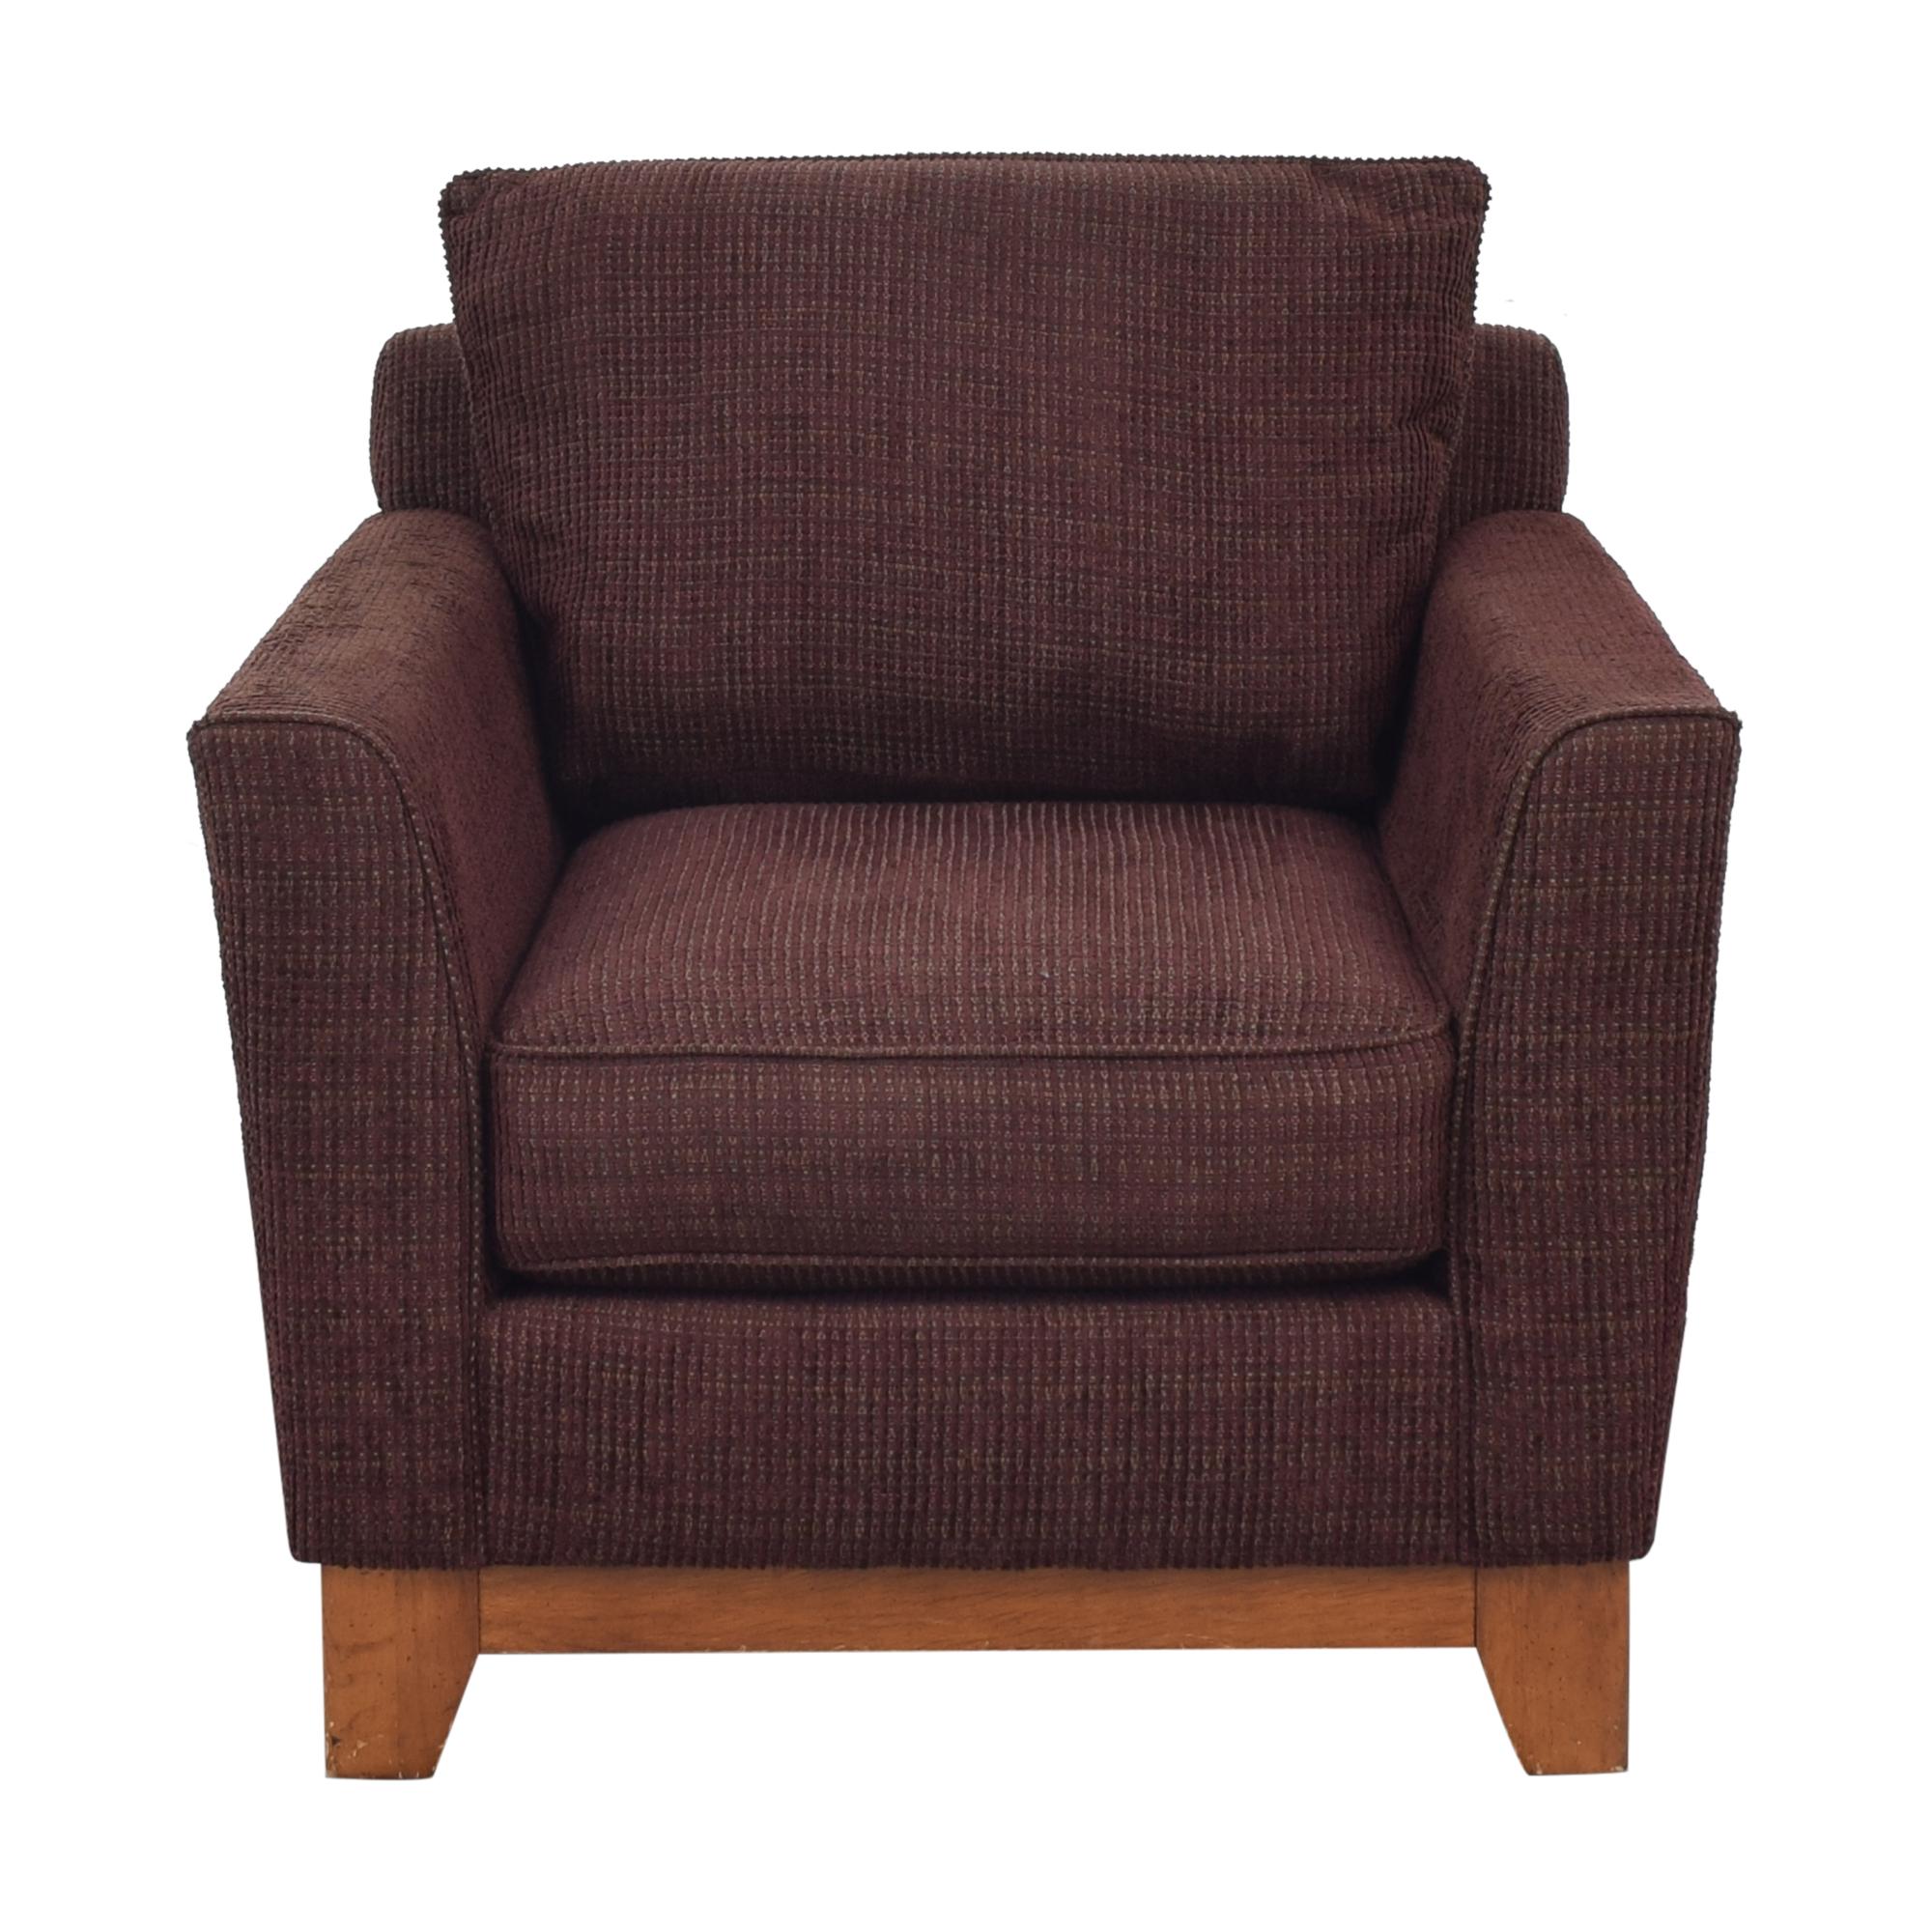 buy Bauhaus Furniture Bauhaus Architect Chair online